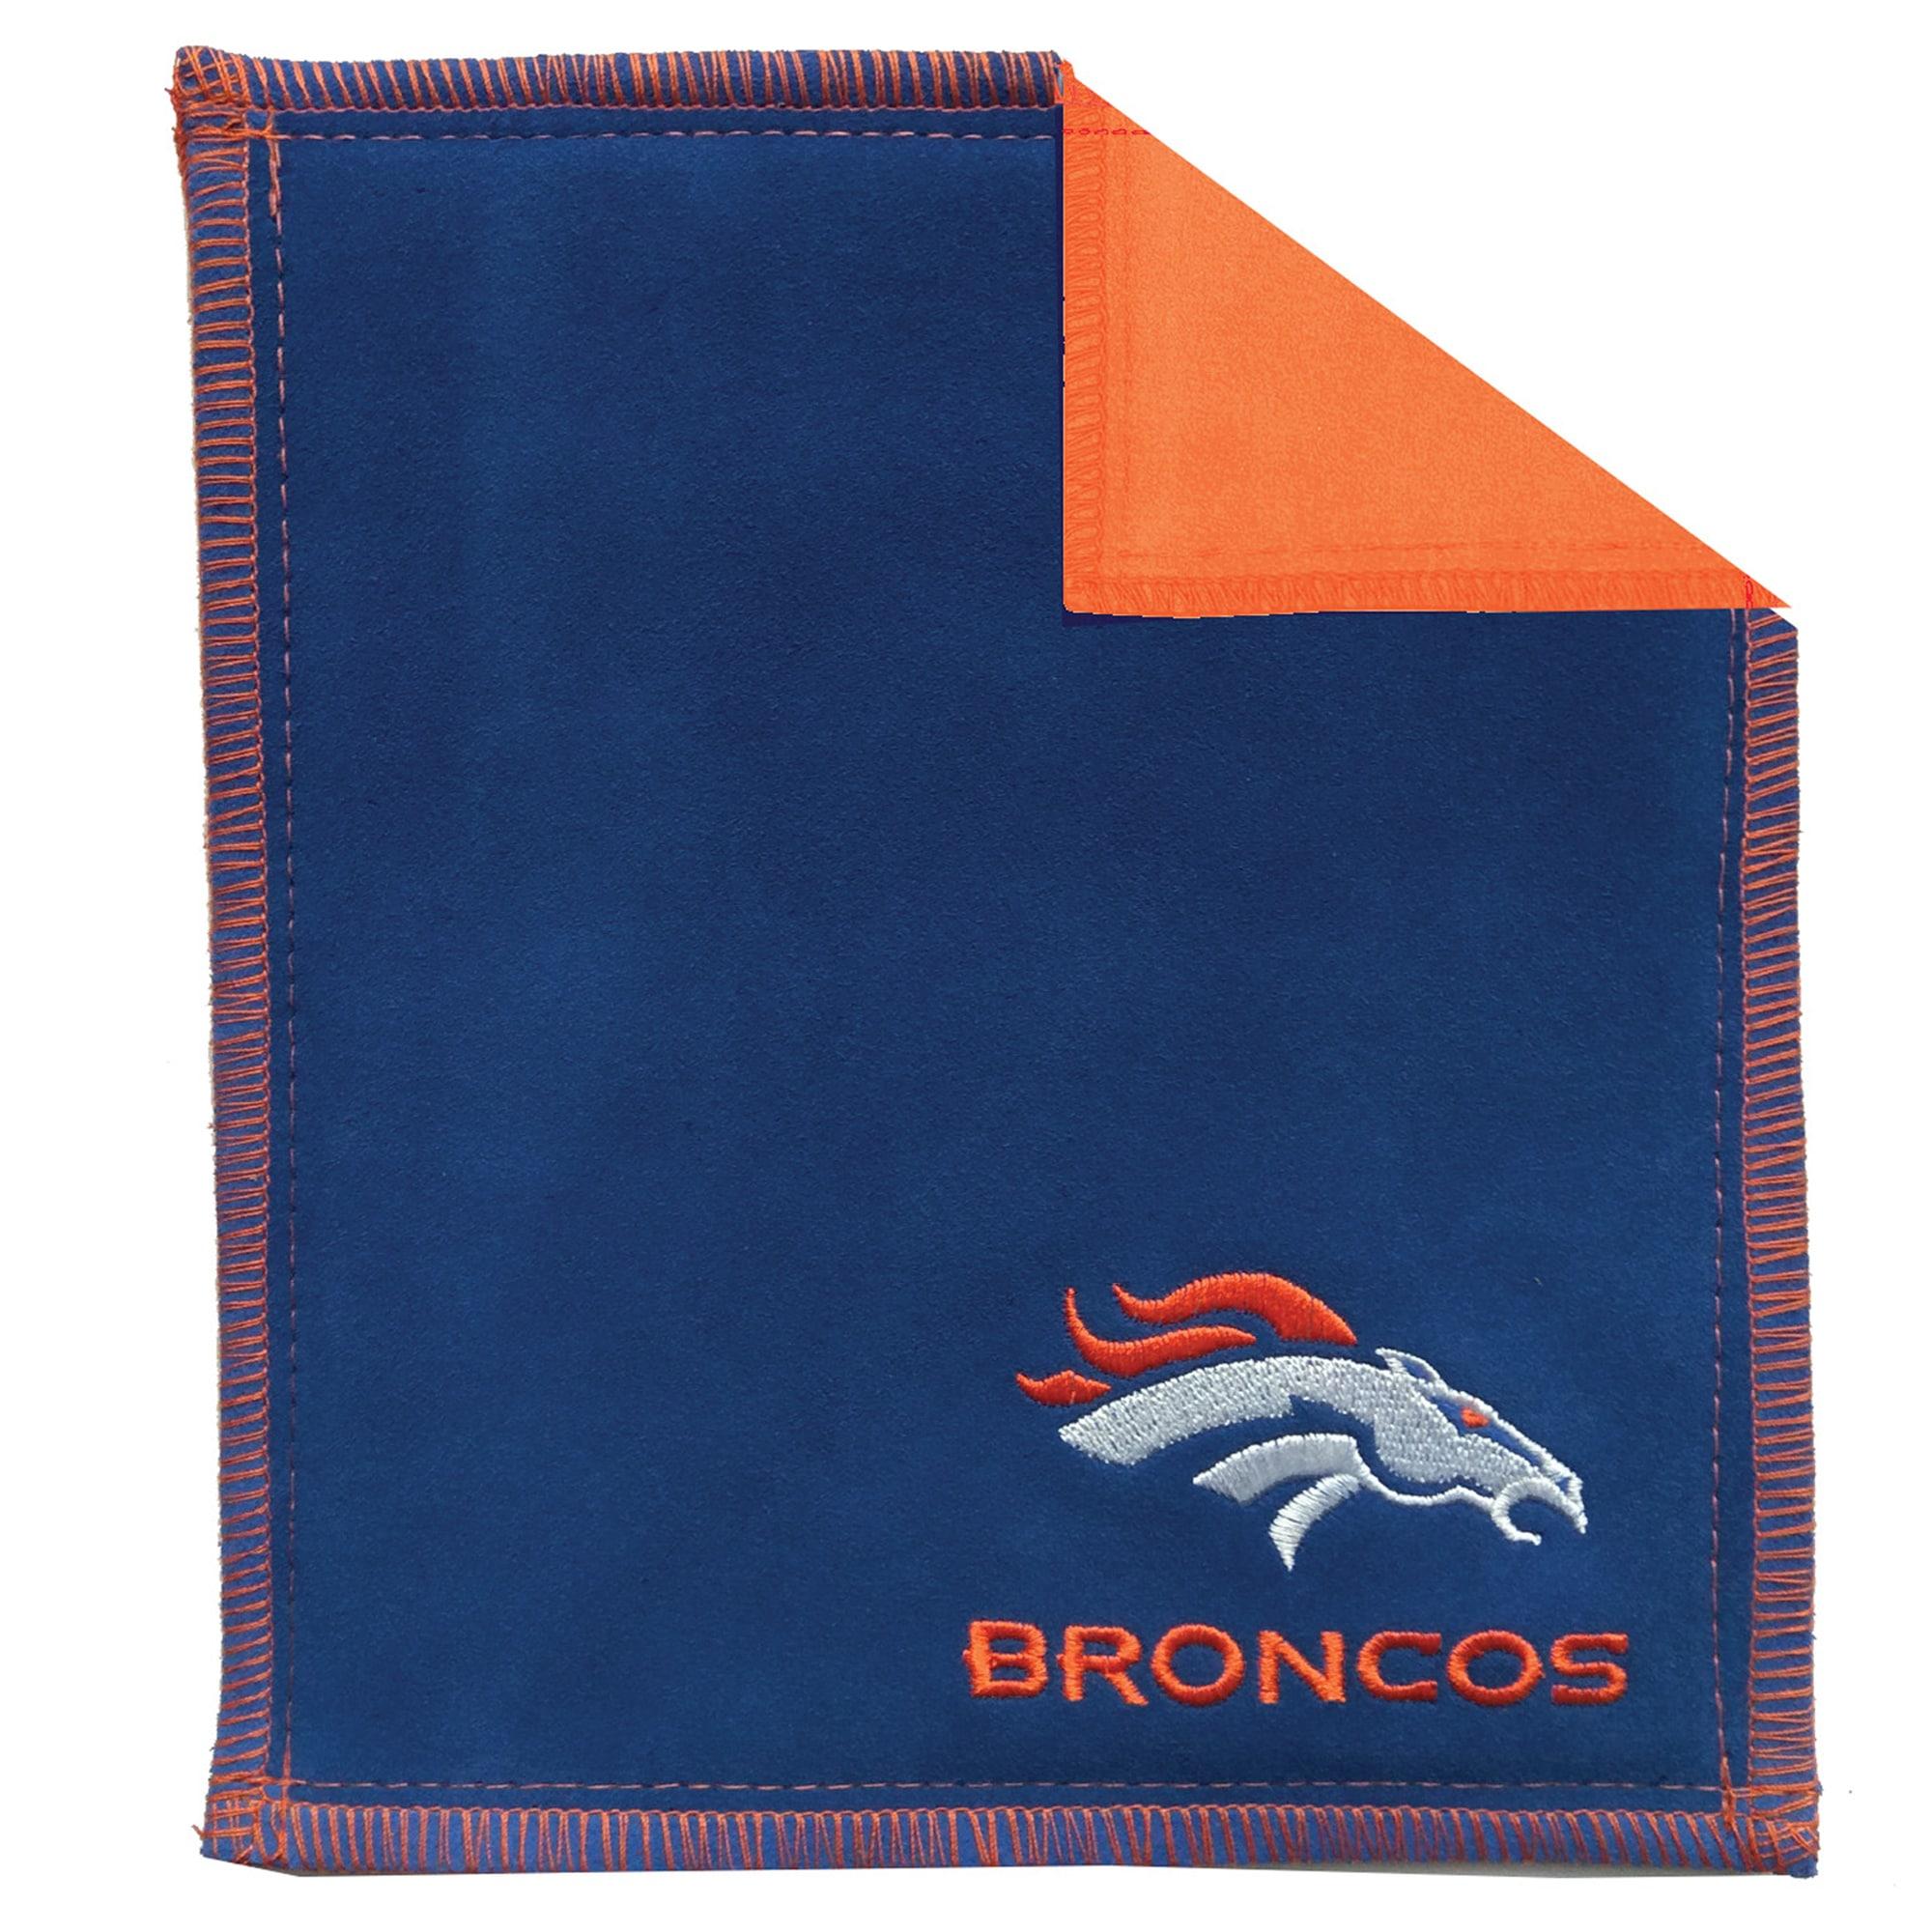 Denver Broncos Bowling Shammy Towel - Navy